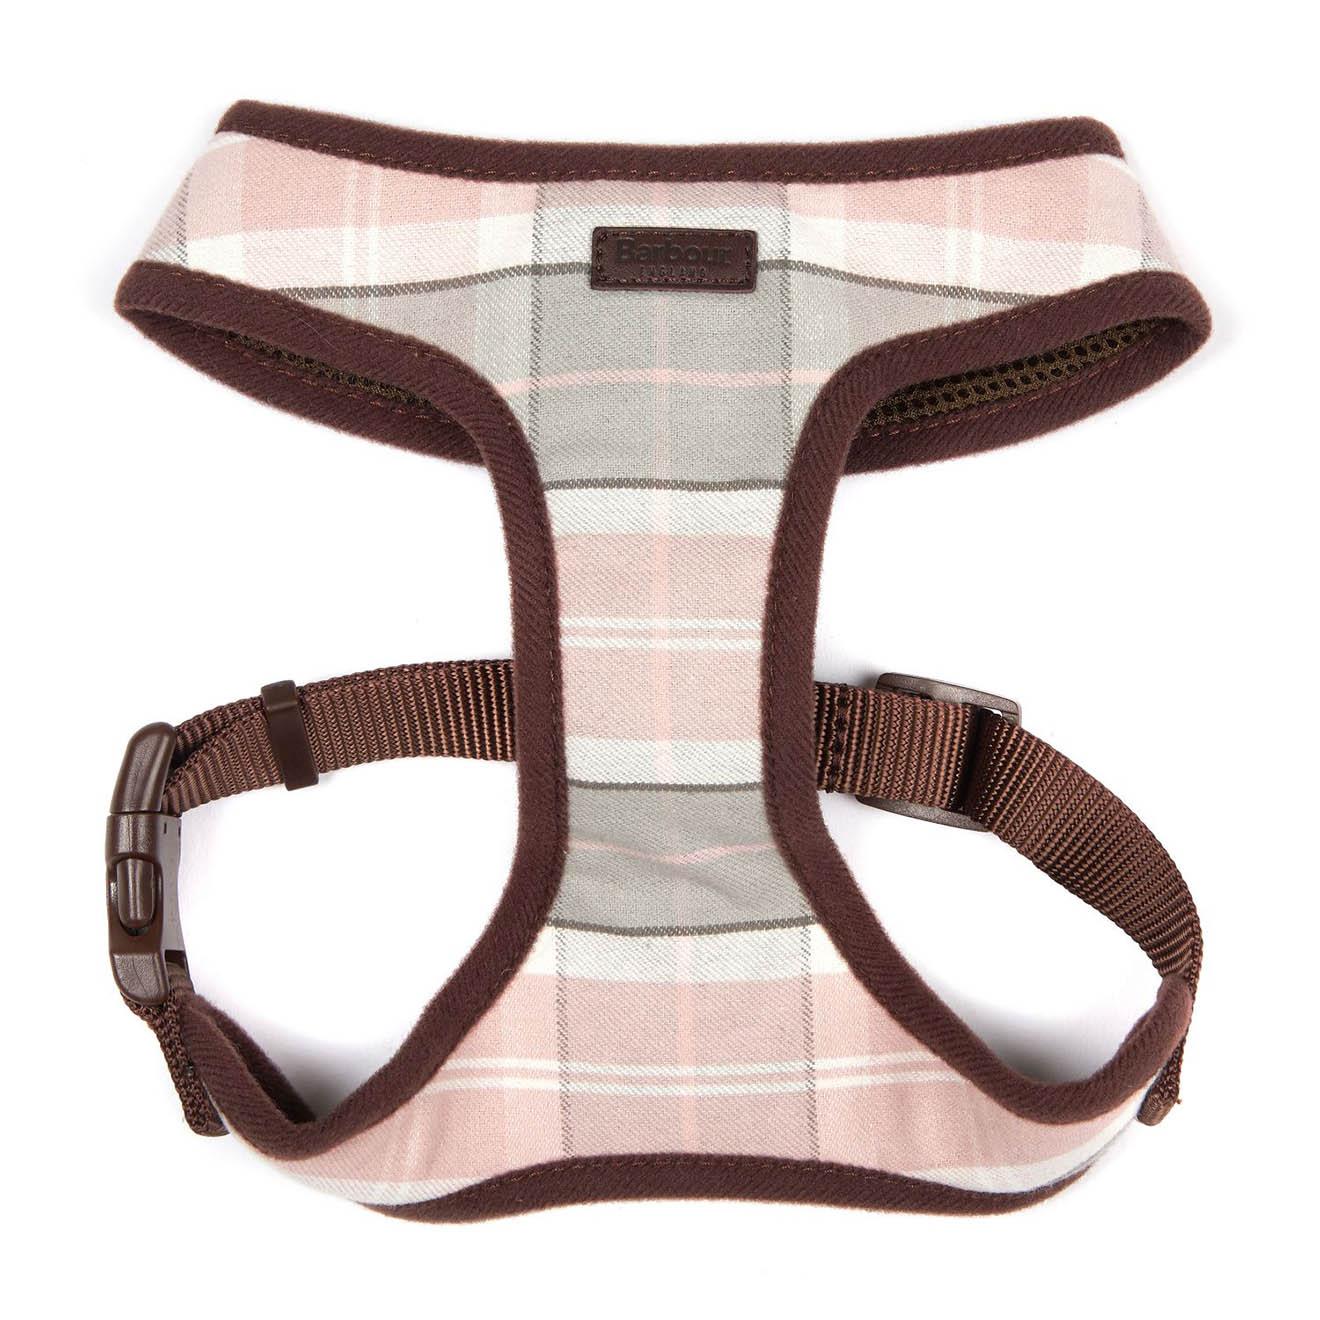 Barbour Tartan Dog Harness Pink/Grey Tartan